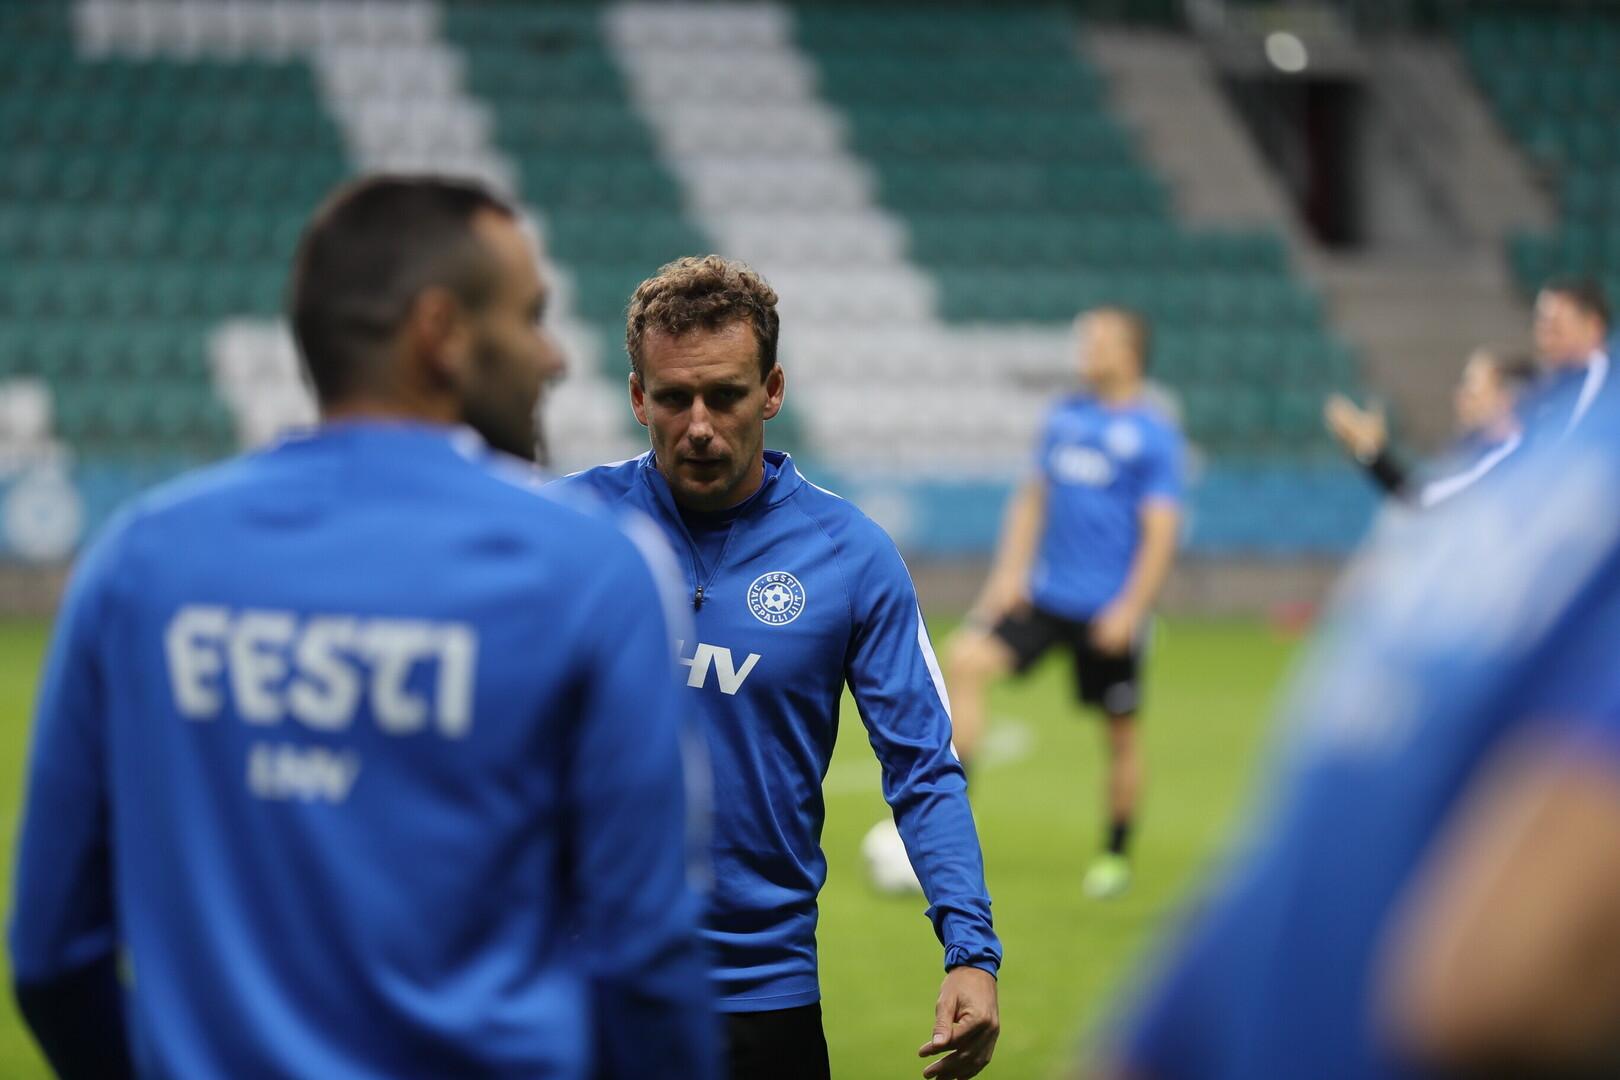 483d7dc7352 ... Eesti jalgpallikoondise viimane treening enne UEFA Rahvuste liiga  esimest kohtumist ...